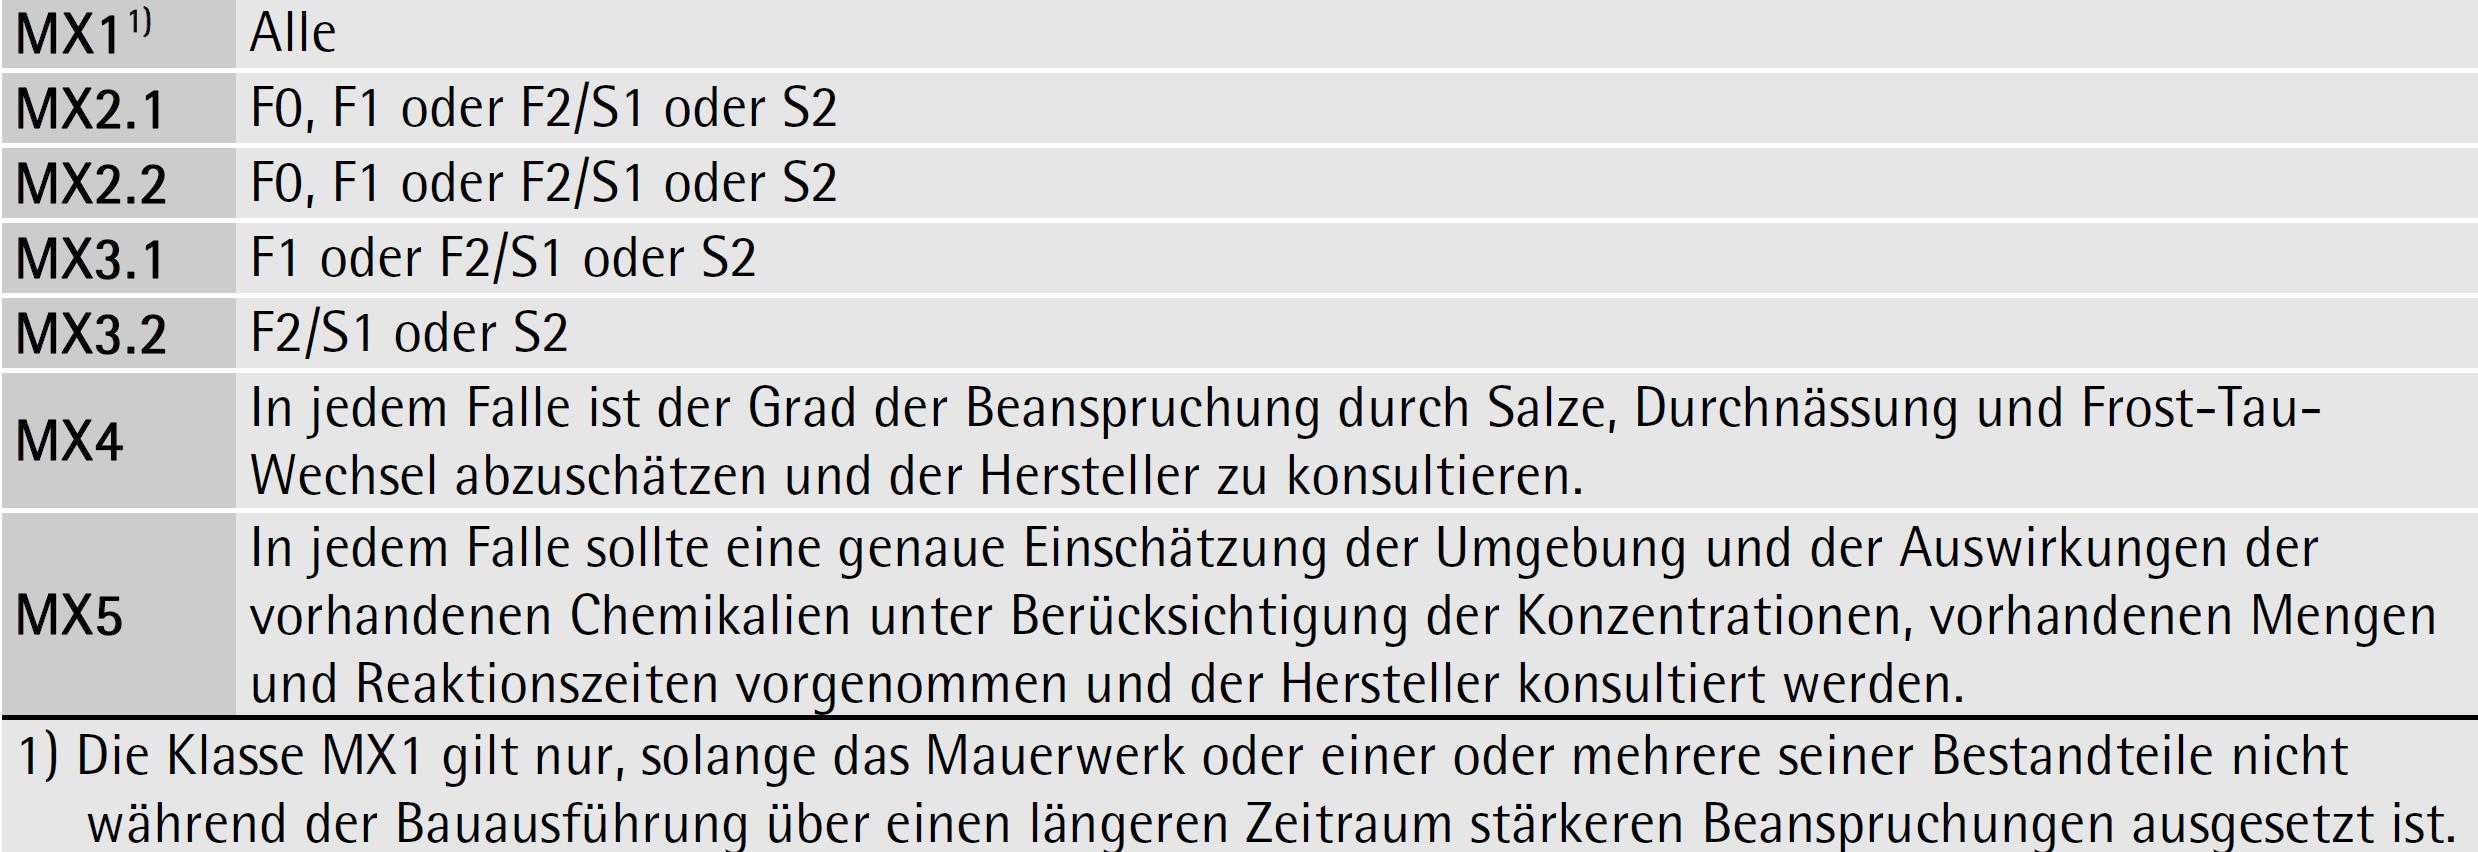 Tabelle 7-03: bewährte Anforderungen für Mauersteine in Bezug auf Dauerhaftigkeit – ÖNORM EN 1996-2